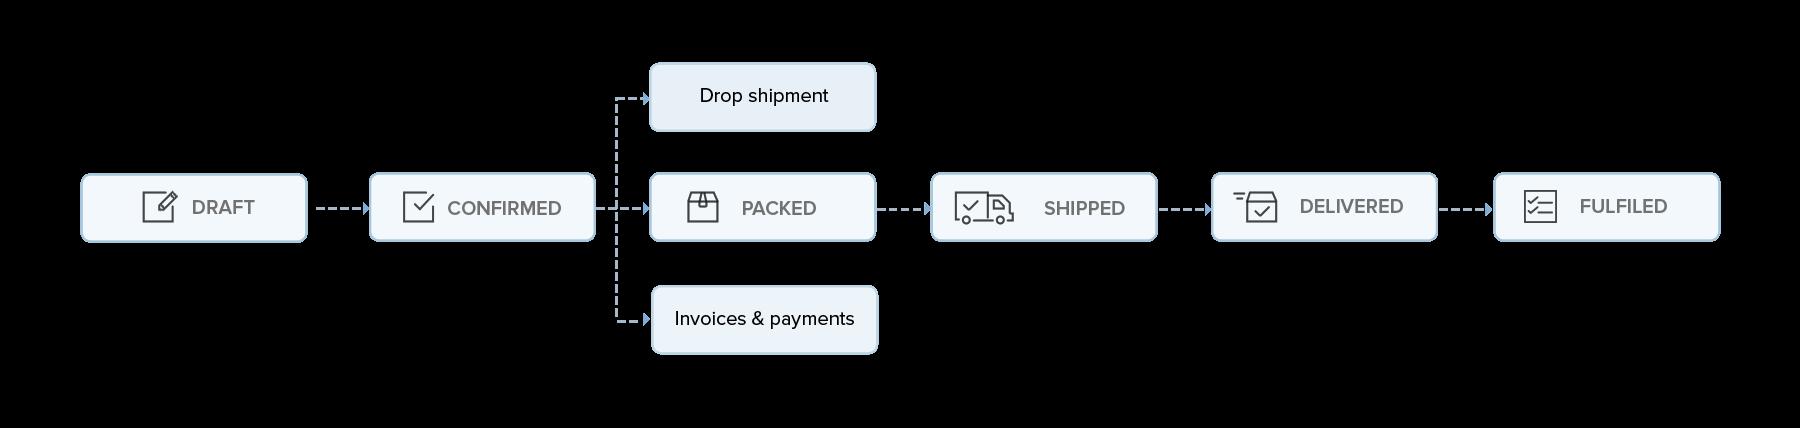 Sales order workflow